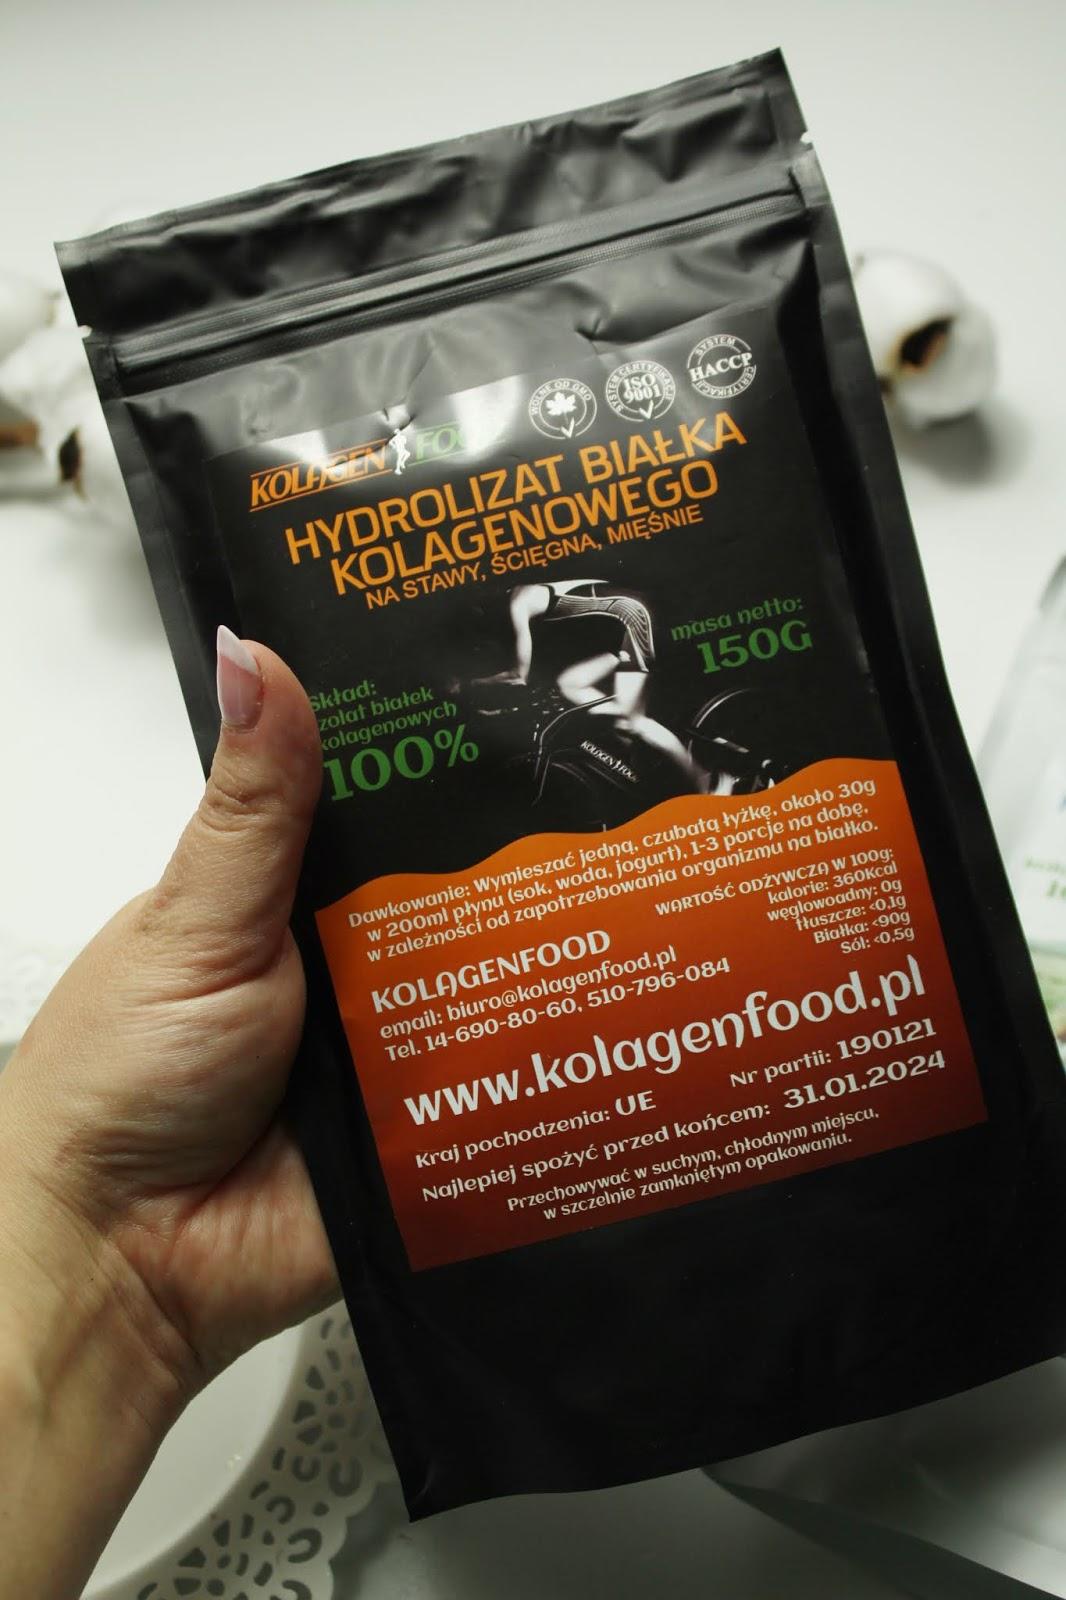 Hydrolizat białka kolagenowego Kolagenfood